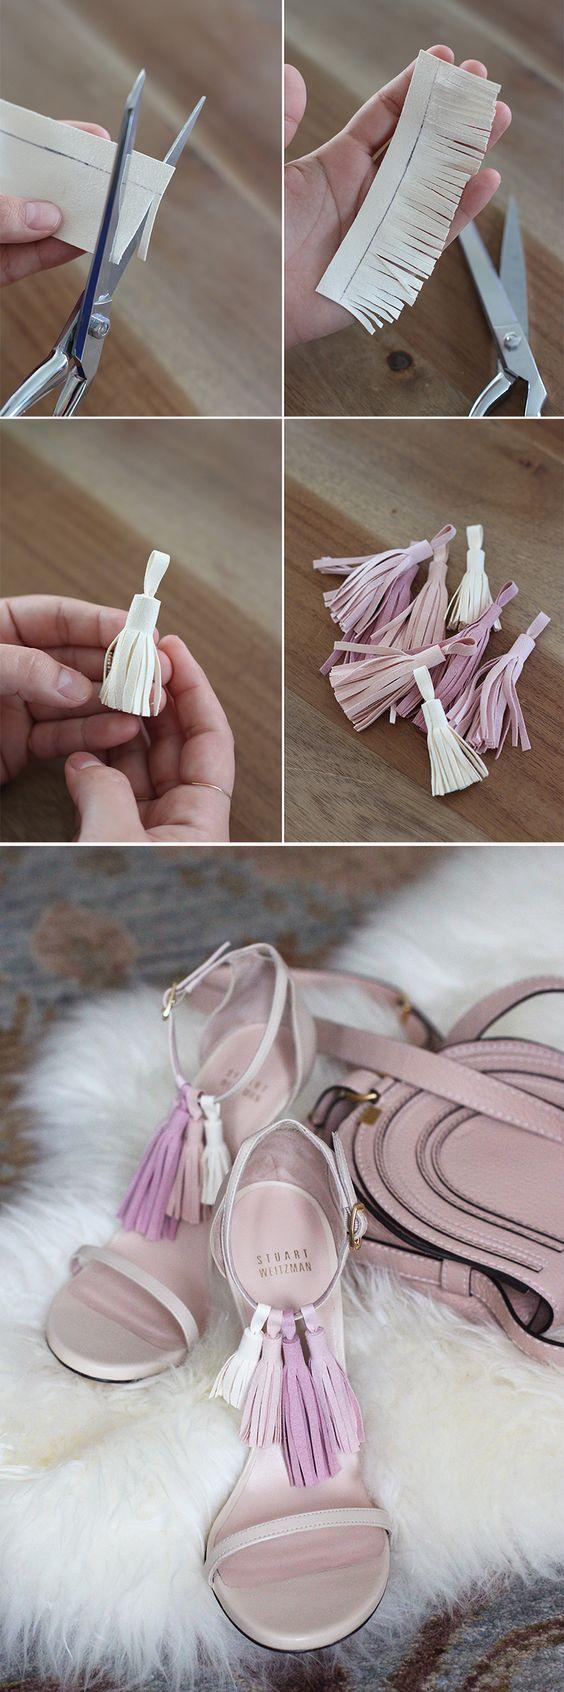 Houd je van schoenen pimpen? Hier bekijk je 8x inspiratie om je schoenen te pimpen. Wie weet zit er een DIY voor je bij.